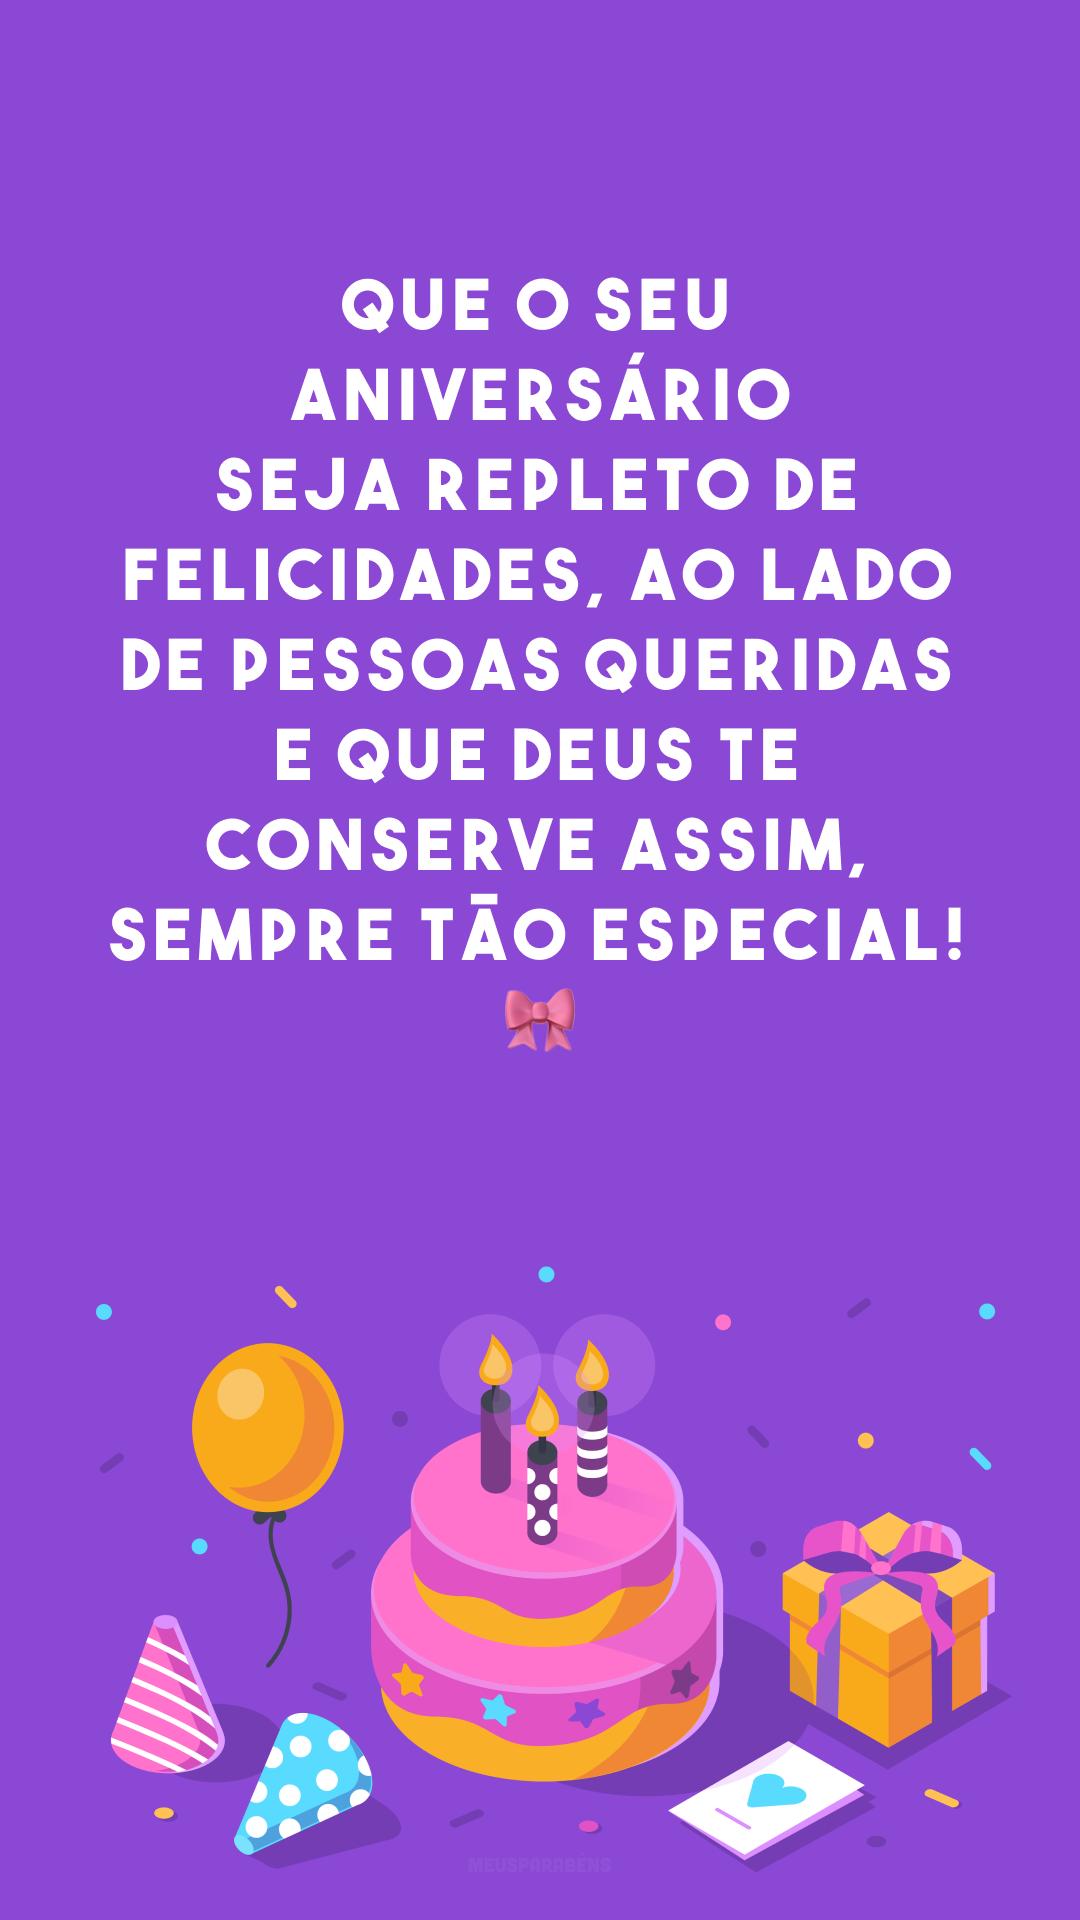 Que o seu aniversário seja repleto de felicidades, ao lado de pessoas queridas e que Deus te conserve assim, sempre tão especial! ?